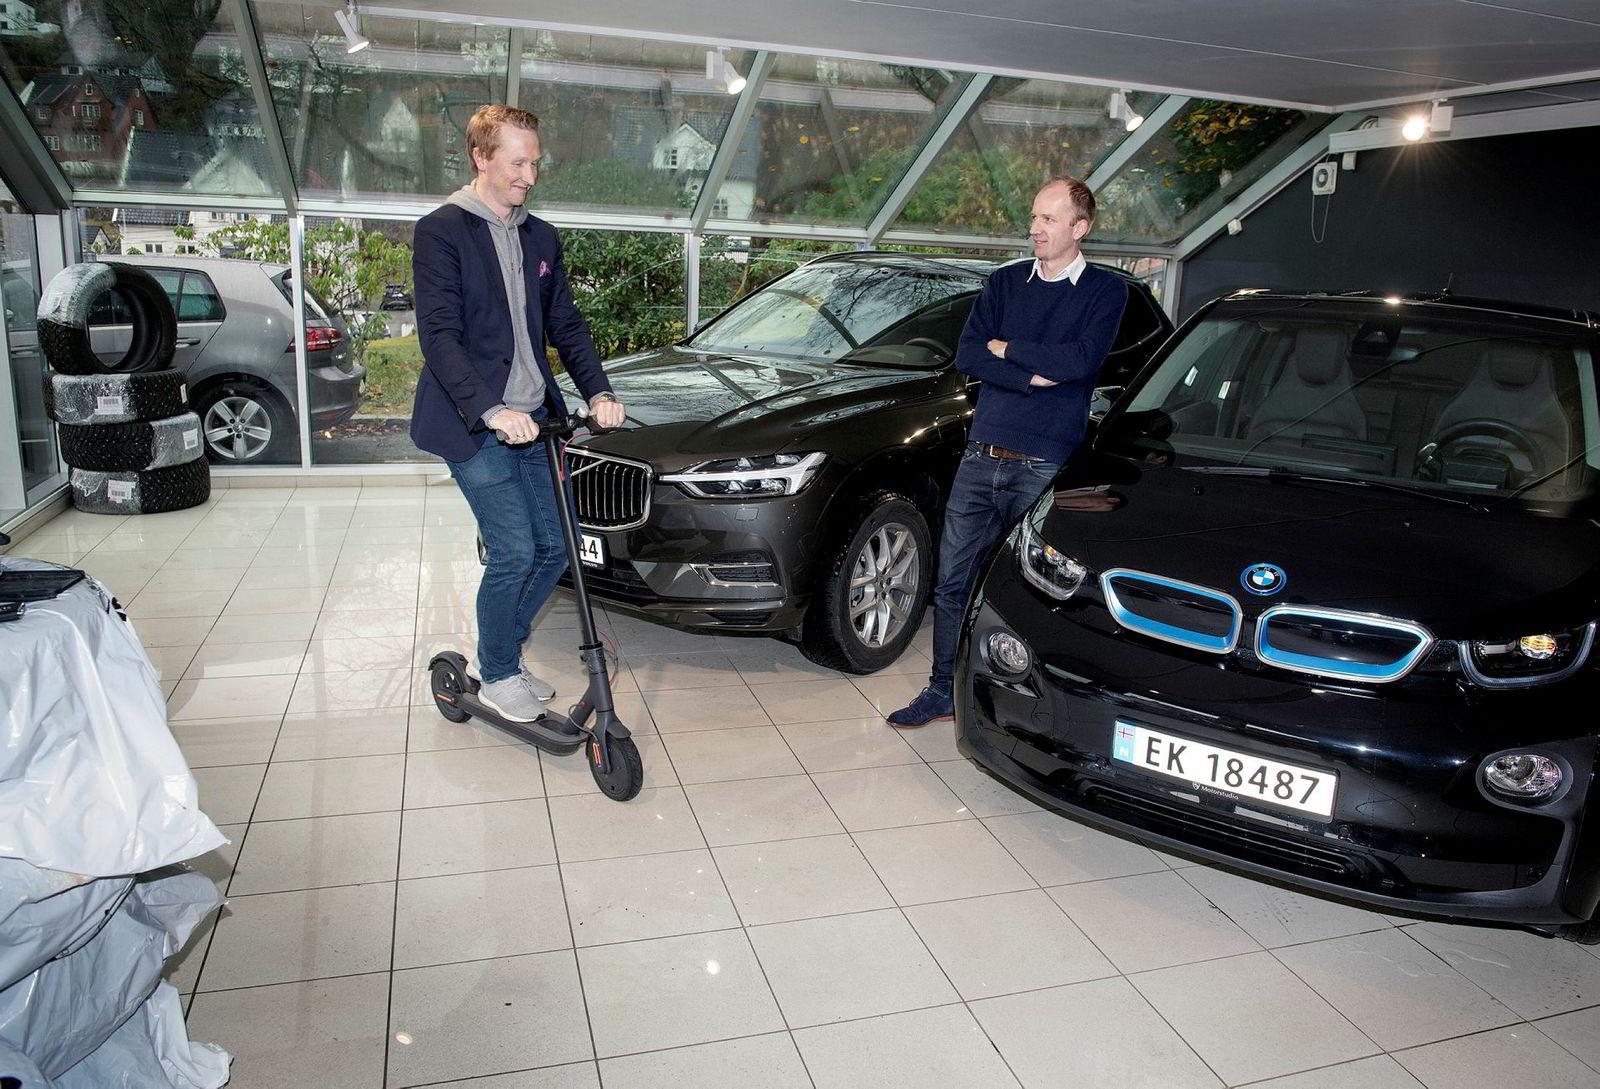 Gründerne Hans Kristian Aas og Gunnar Birkenfeldt i iMove har omkring 80 biler og 300 sparkesykler leid ut i Bergen, Oslo og Stavanger.